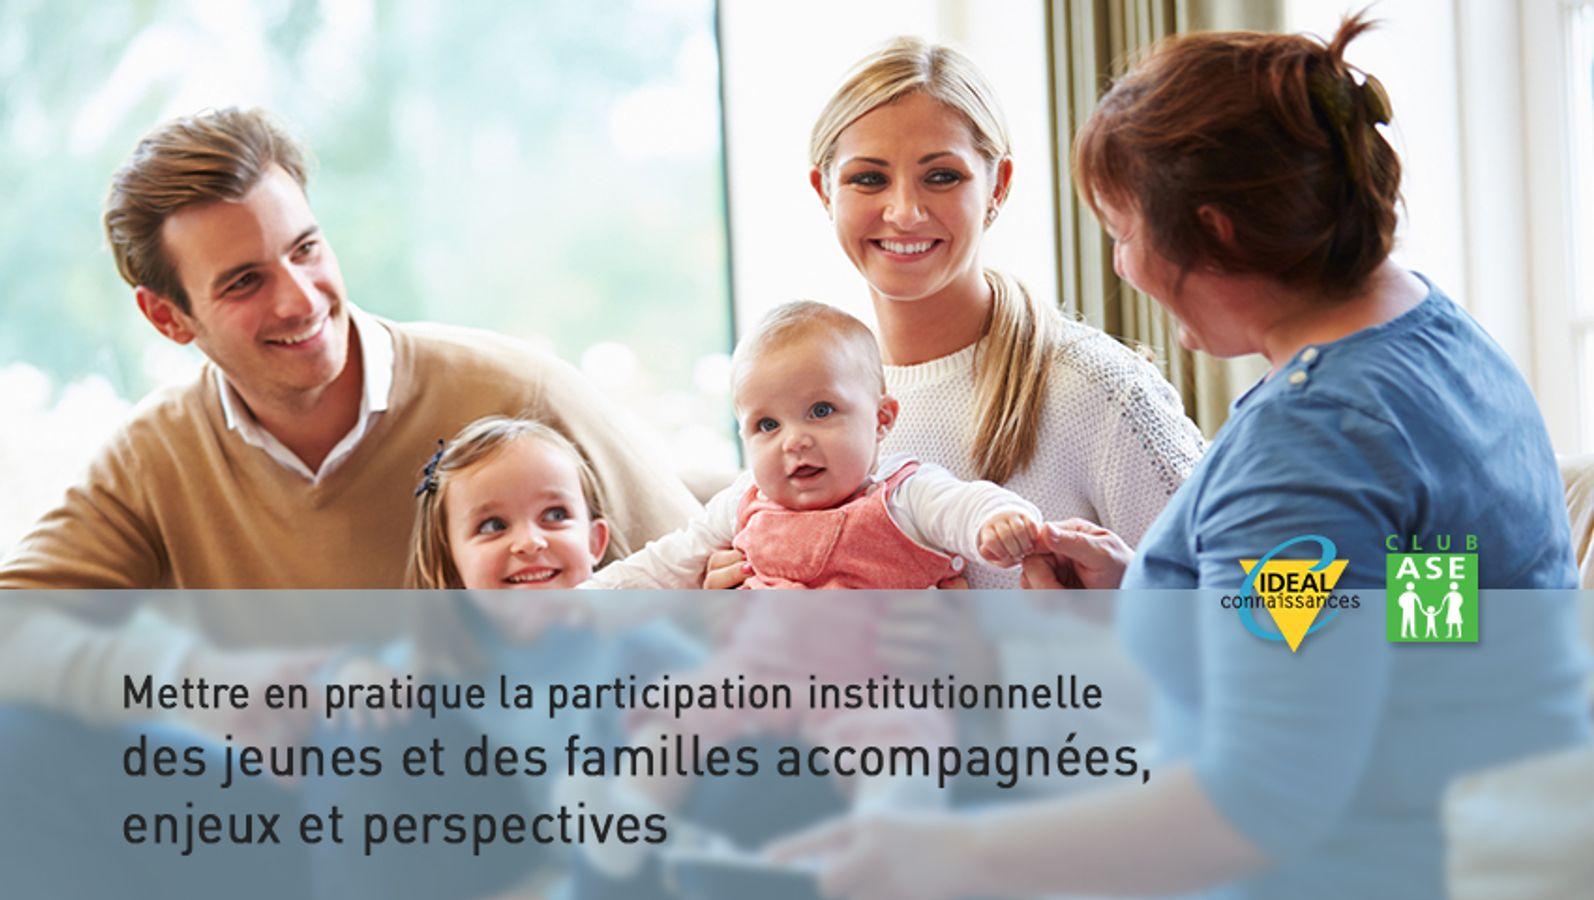 Mettre en pratique la participation institutionnelle des jeunes et des familles accompagnées, enjeux et perspectives